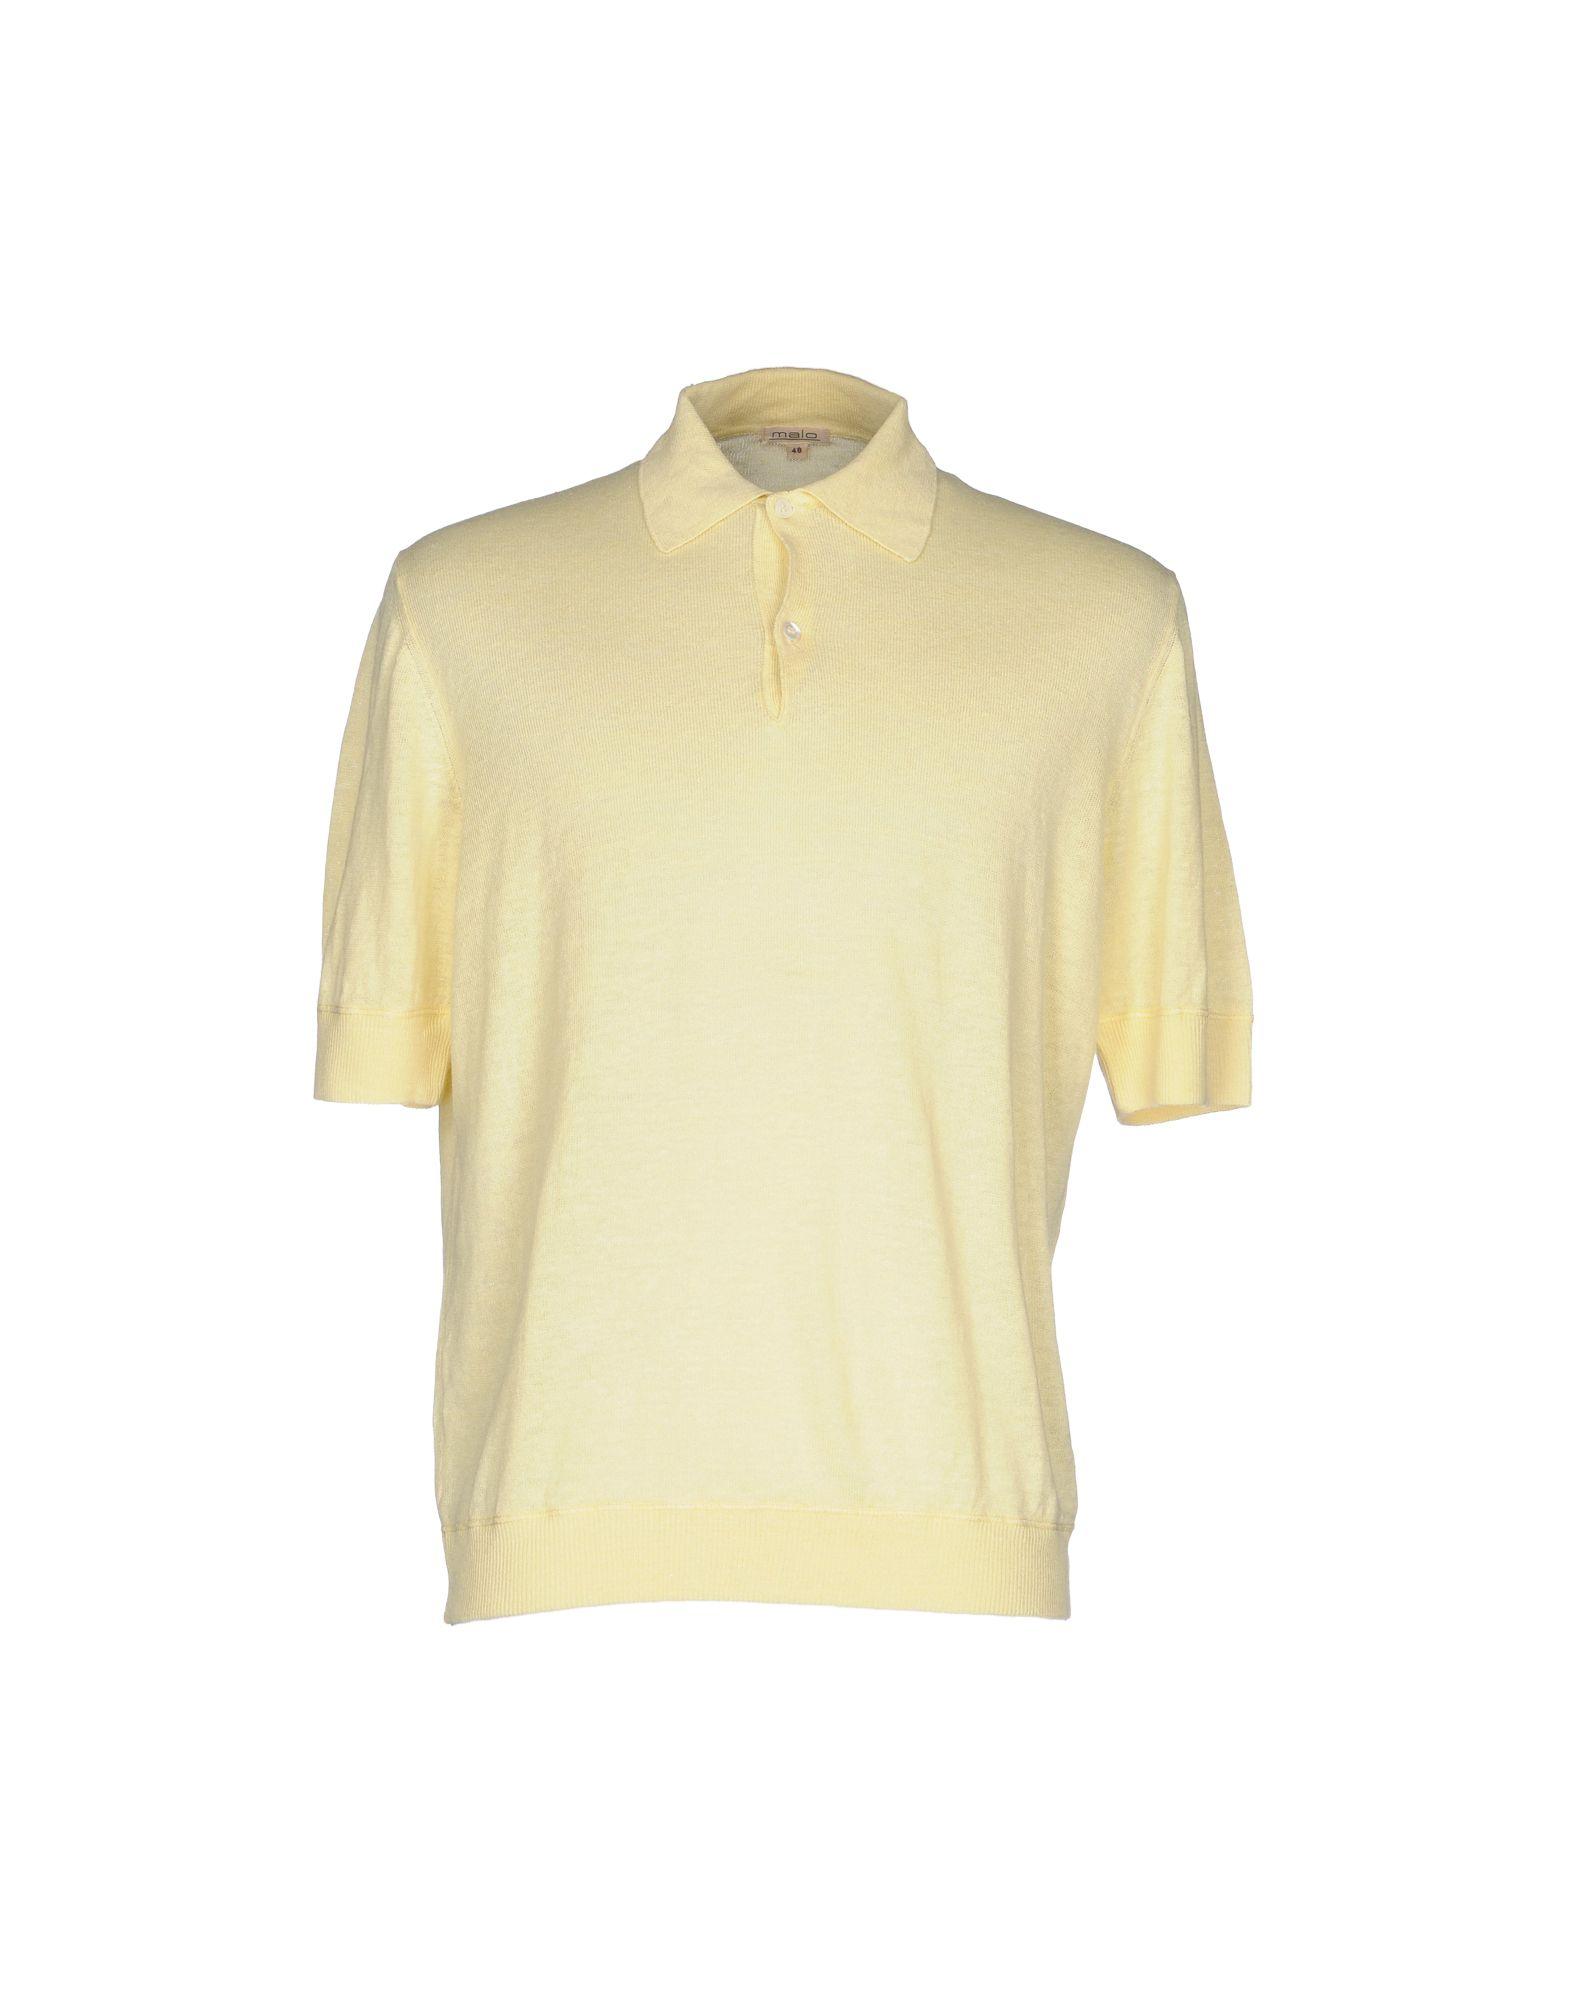 MALO Herren Pullover Farbe Gelb Größe 3 - broschei